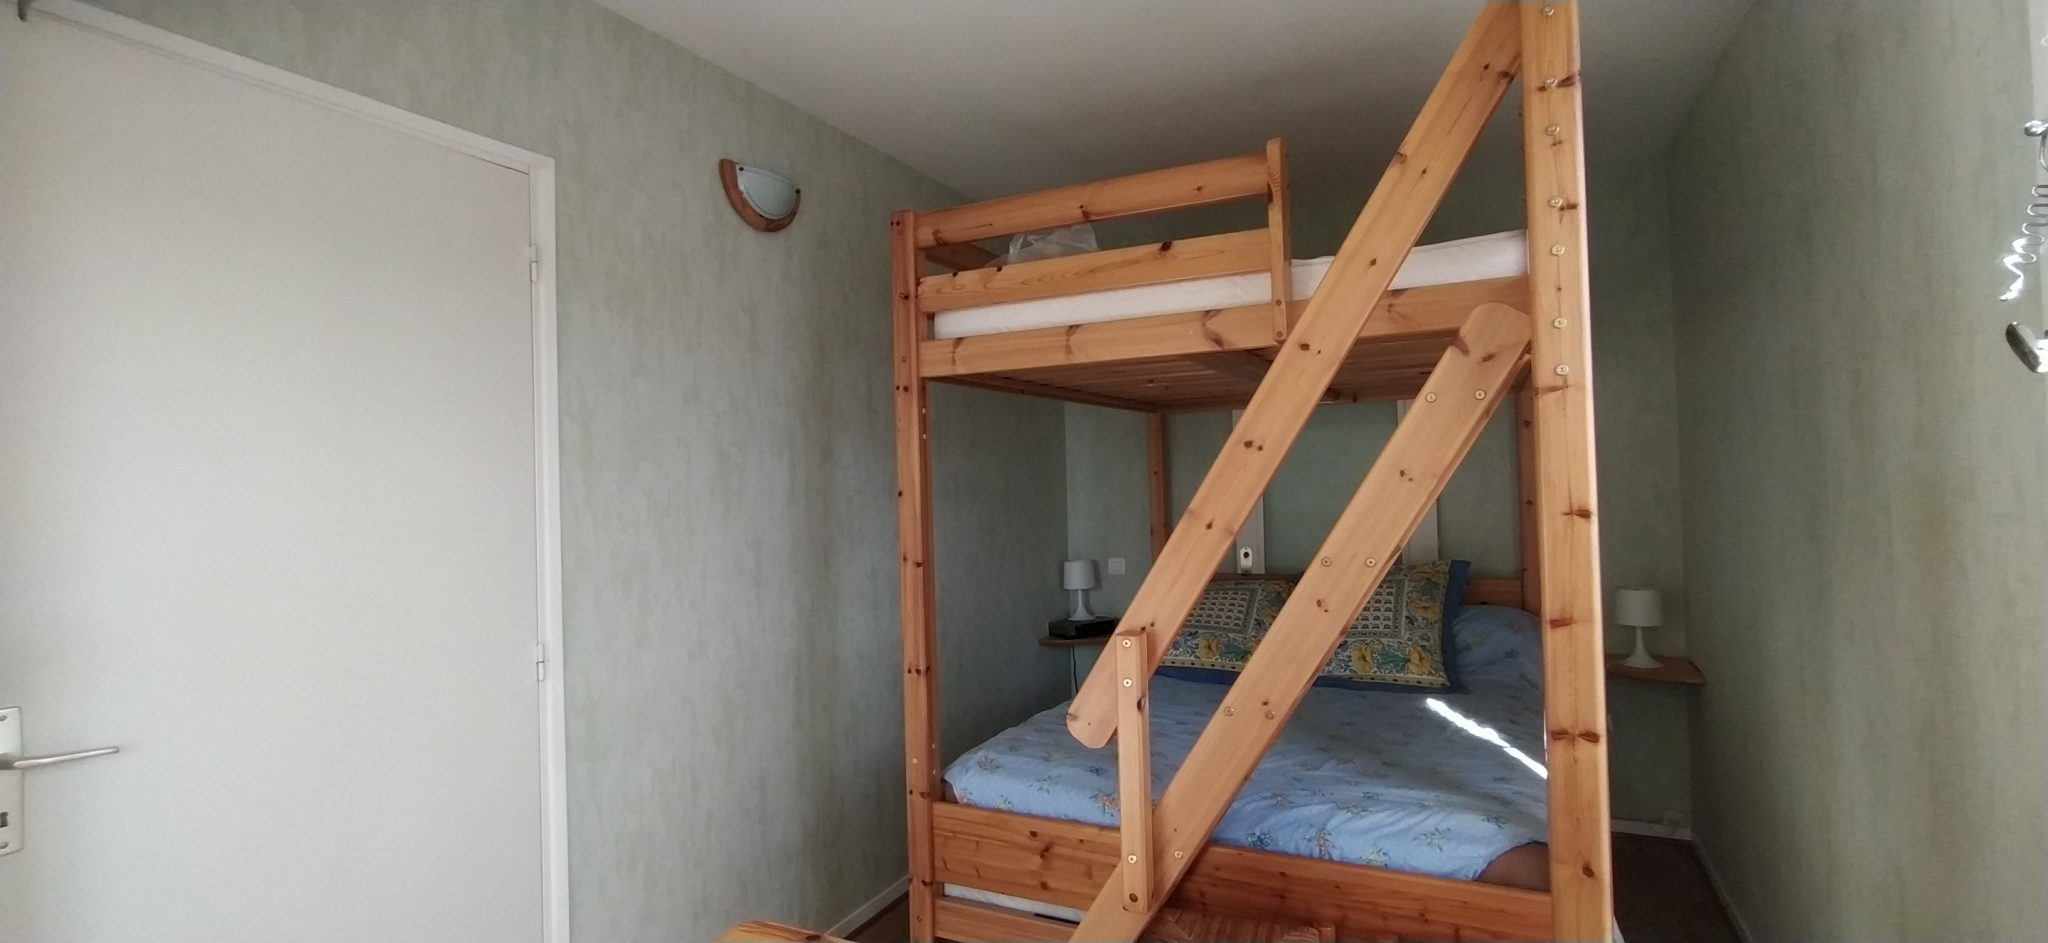 À vendre appartement de 45m2 à argeles sur mer (66700) - Photo 5'